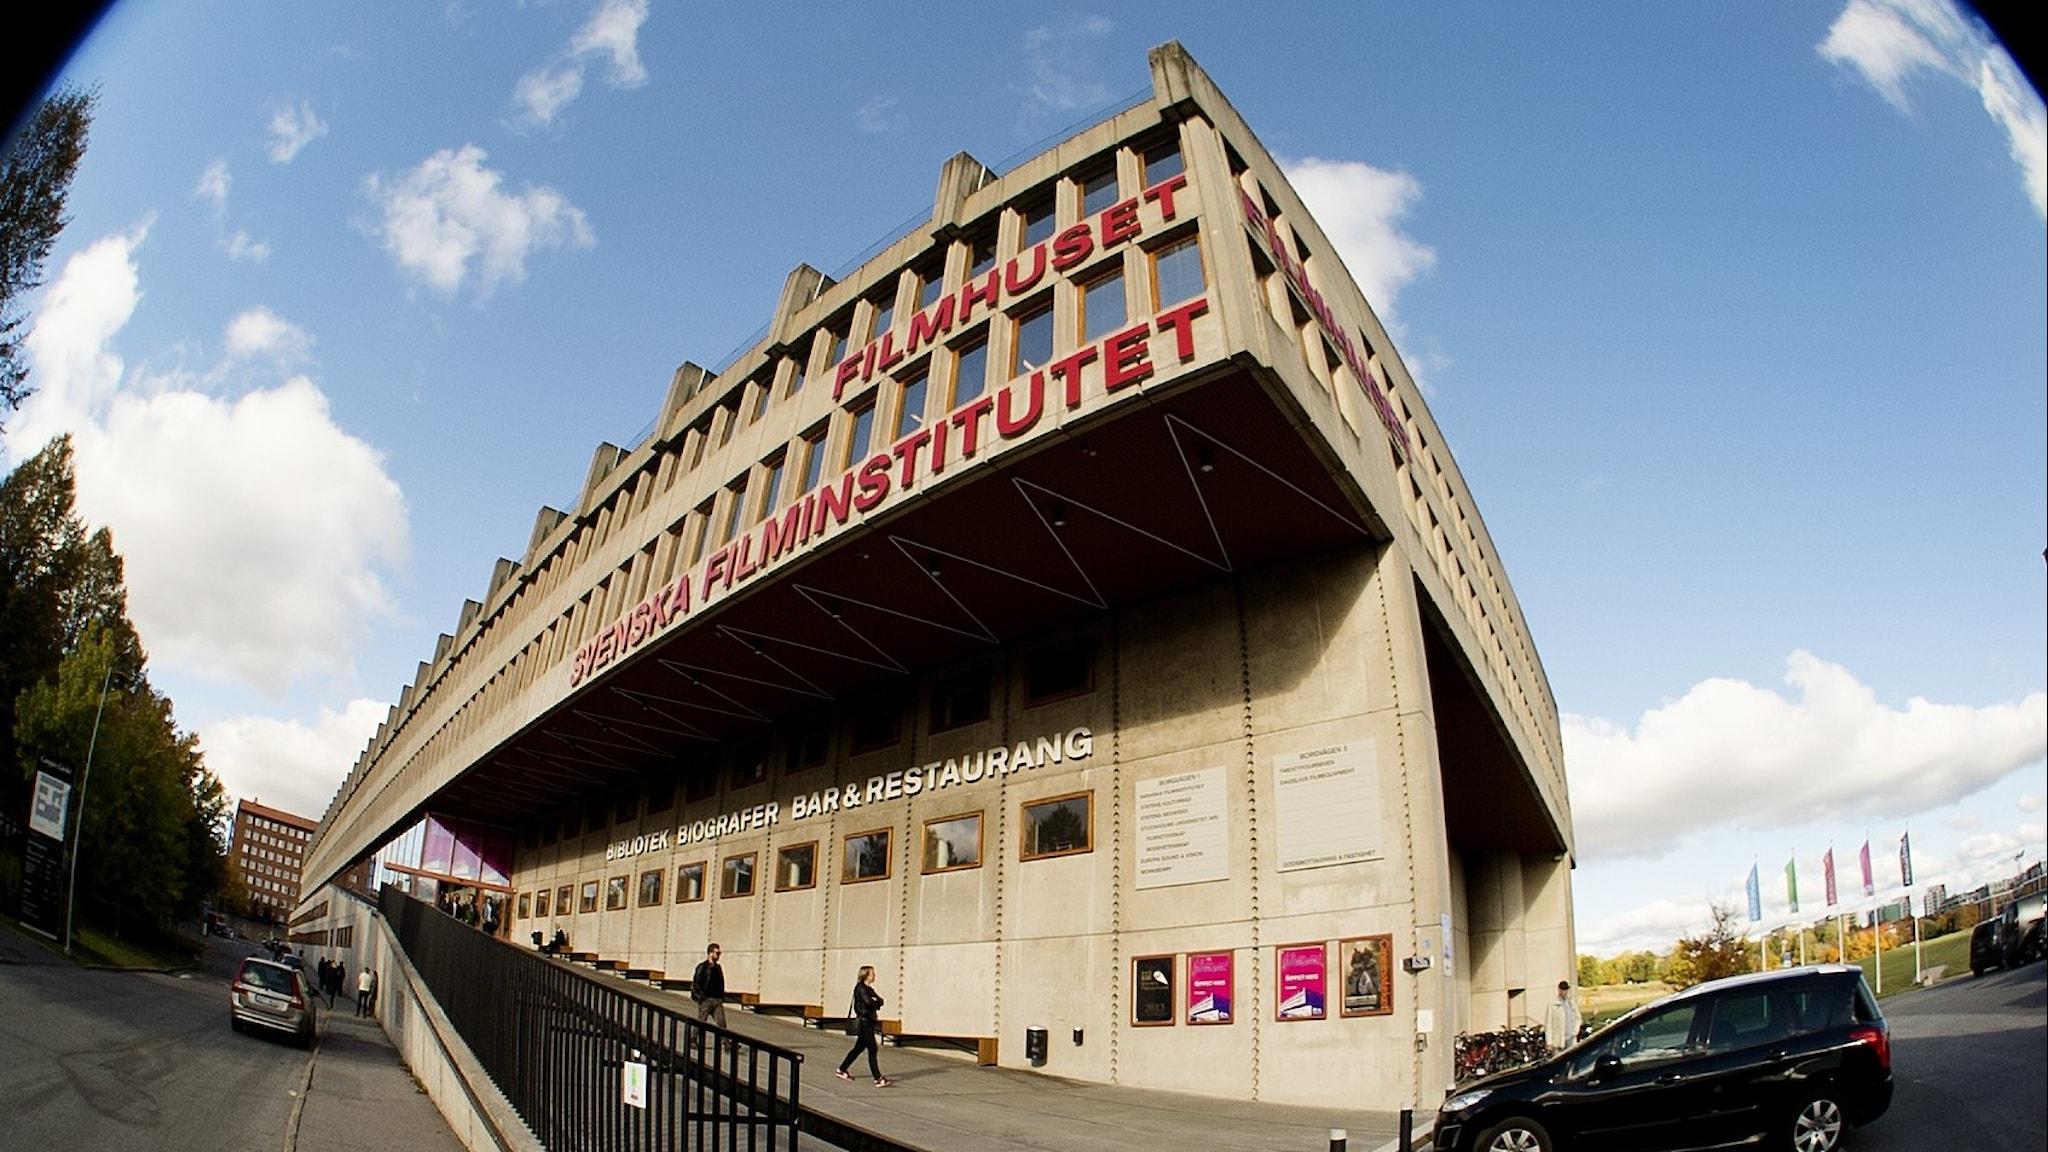 Svenska filminstitutets fasad fotad med kraftigt fish eye-objektiv.